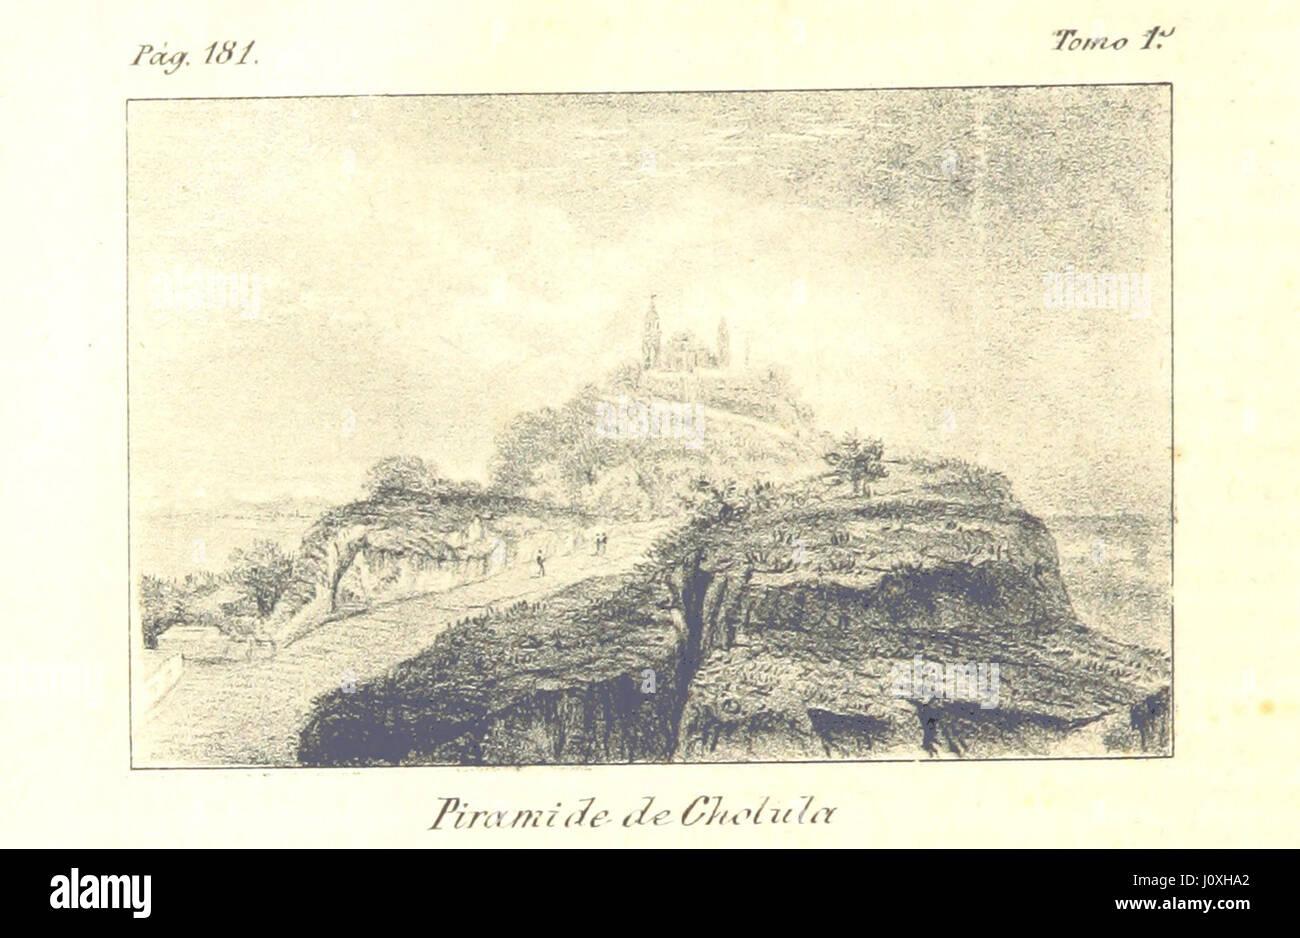 Image taken from page 188 of 'Suplemento à la Historia Universal antigua y moderna, por el Conde de Ségur - Stock Image